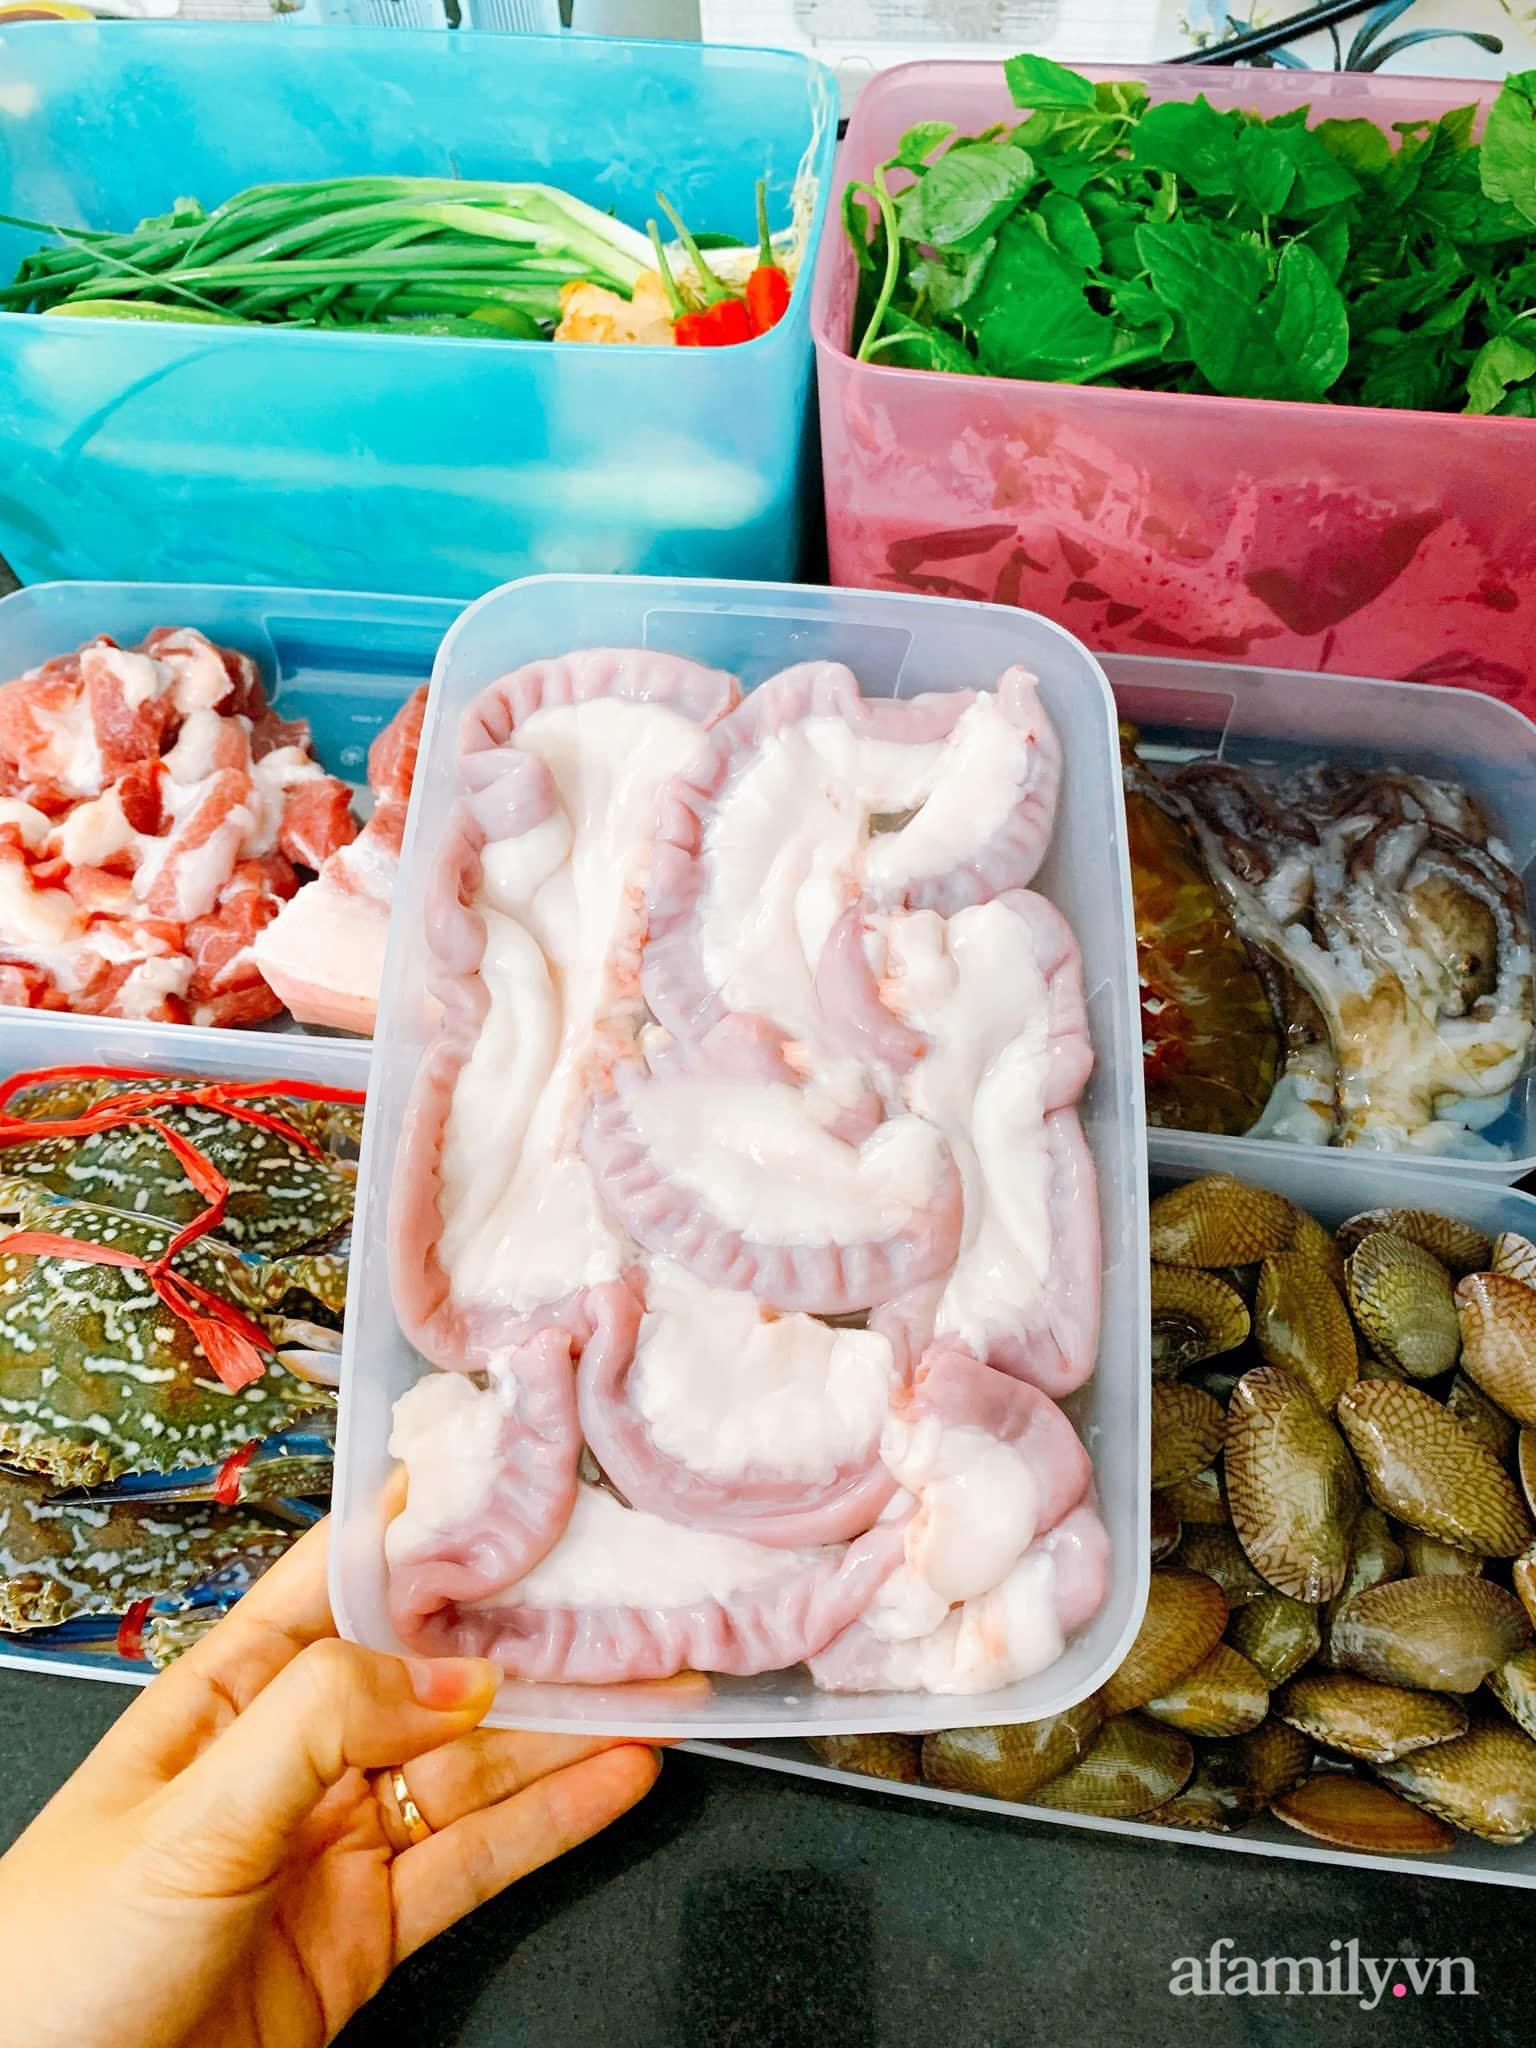 Bà nội trợ ở Quảng Ninh tiết lộ 9 bí kíp chọn mua thực phẩm tươi ngon cho chị em-10